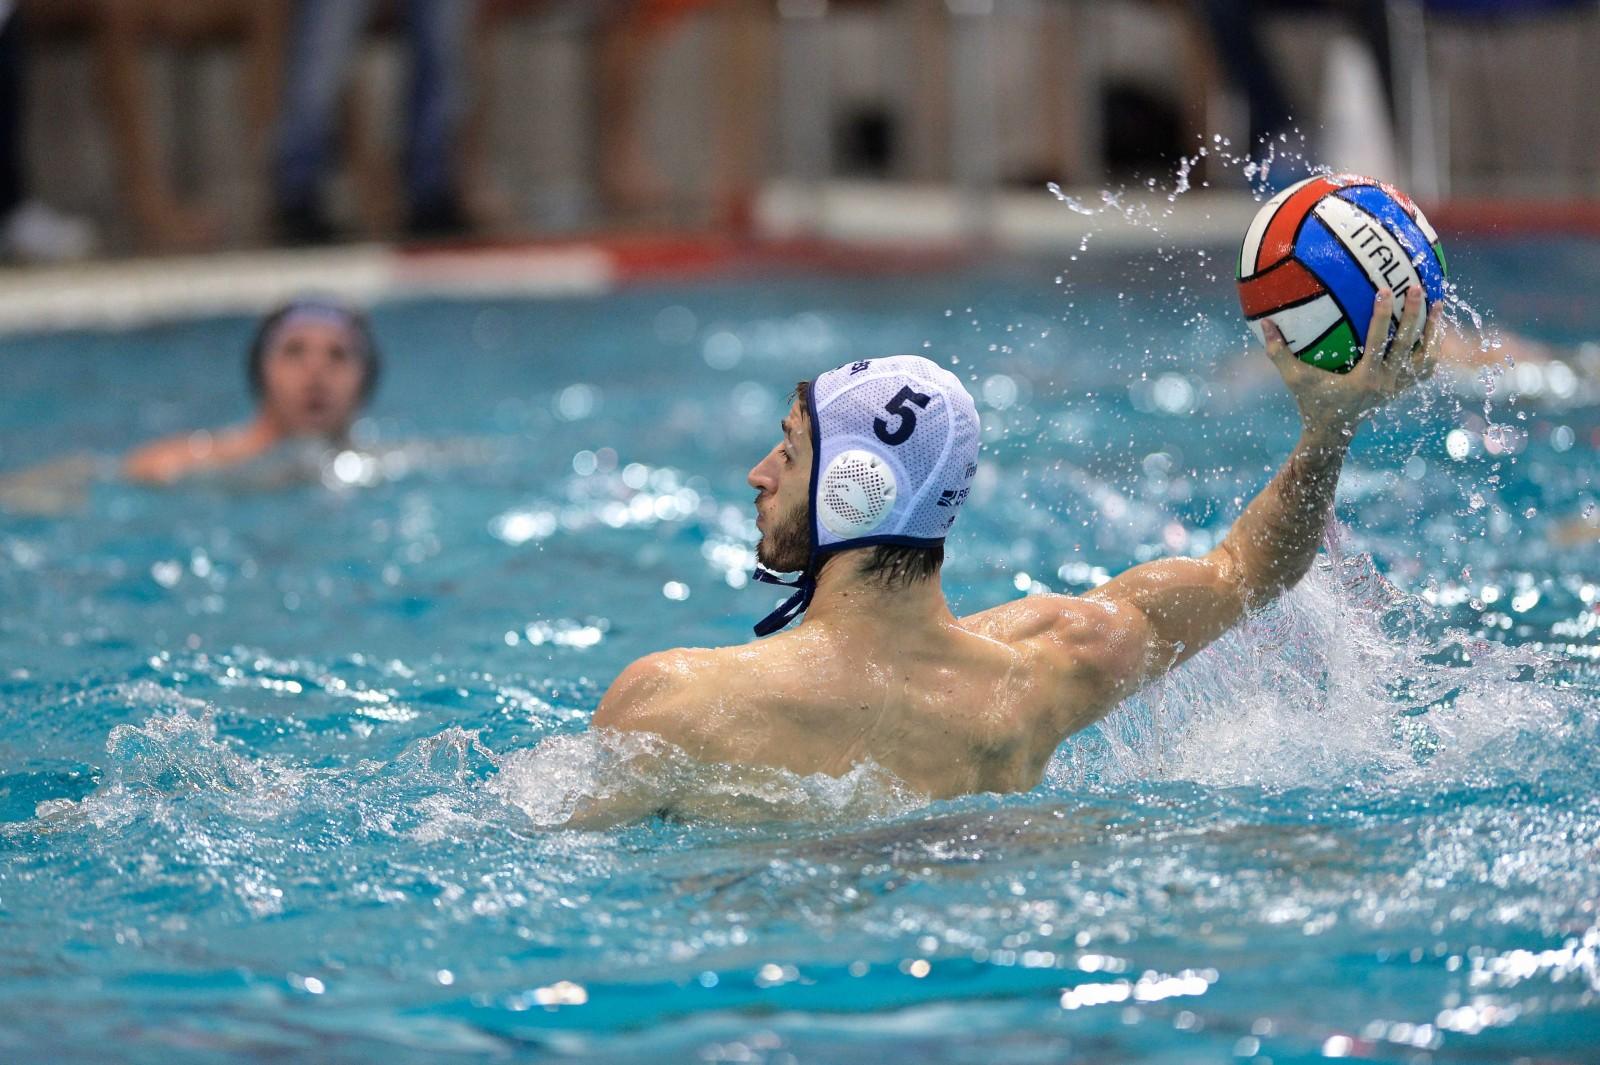 Serie A2: Reale Mutua Torino 81 Iren - Brescia Waterpolo